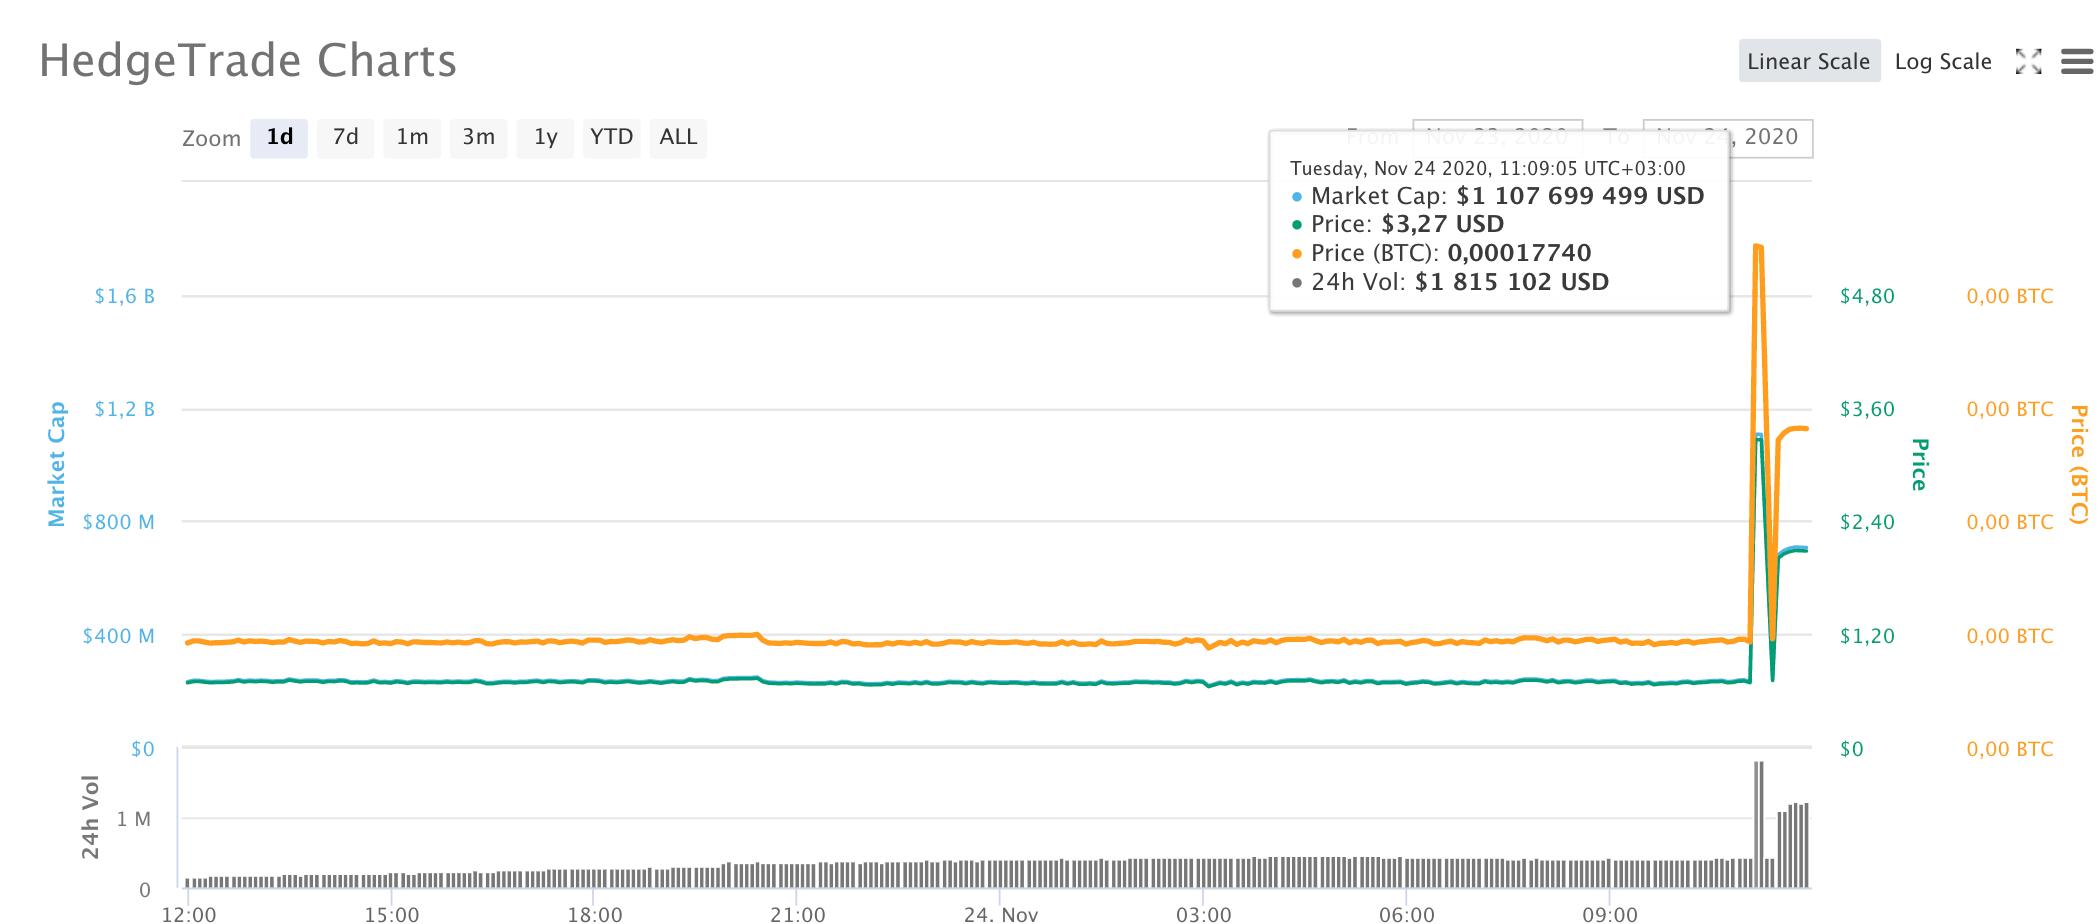 HEDG, Coinmarketcap data